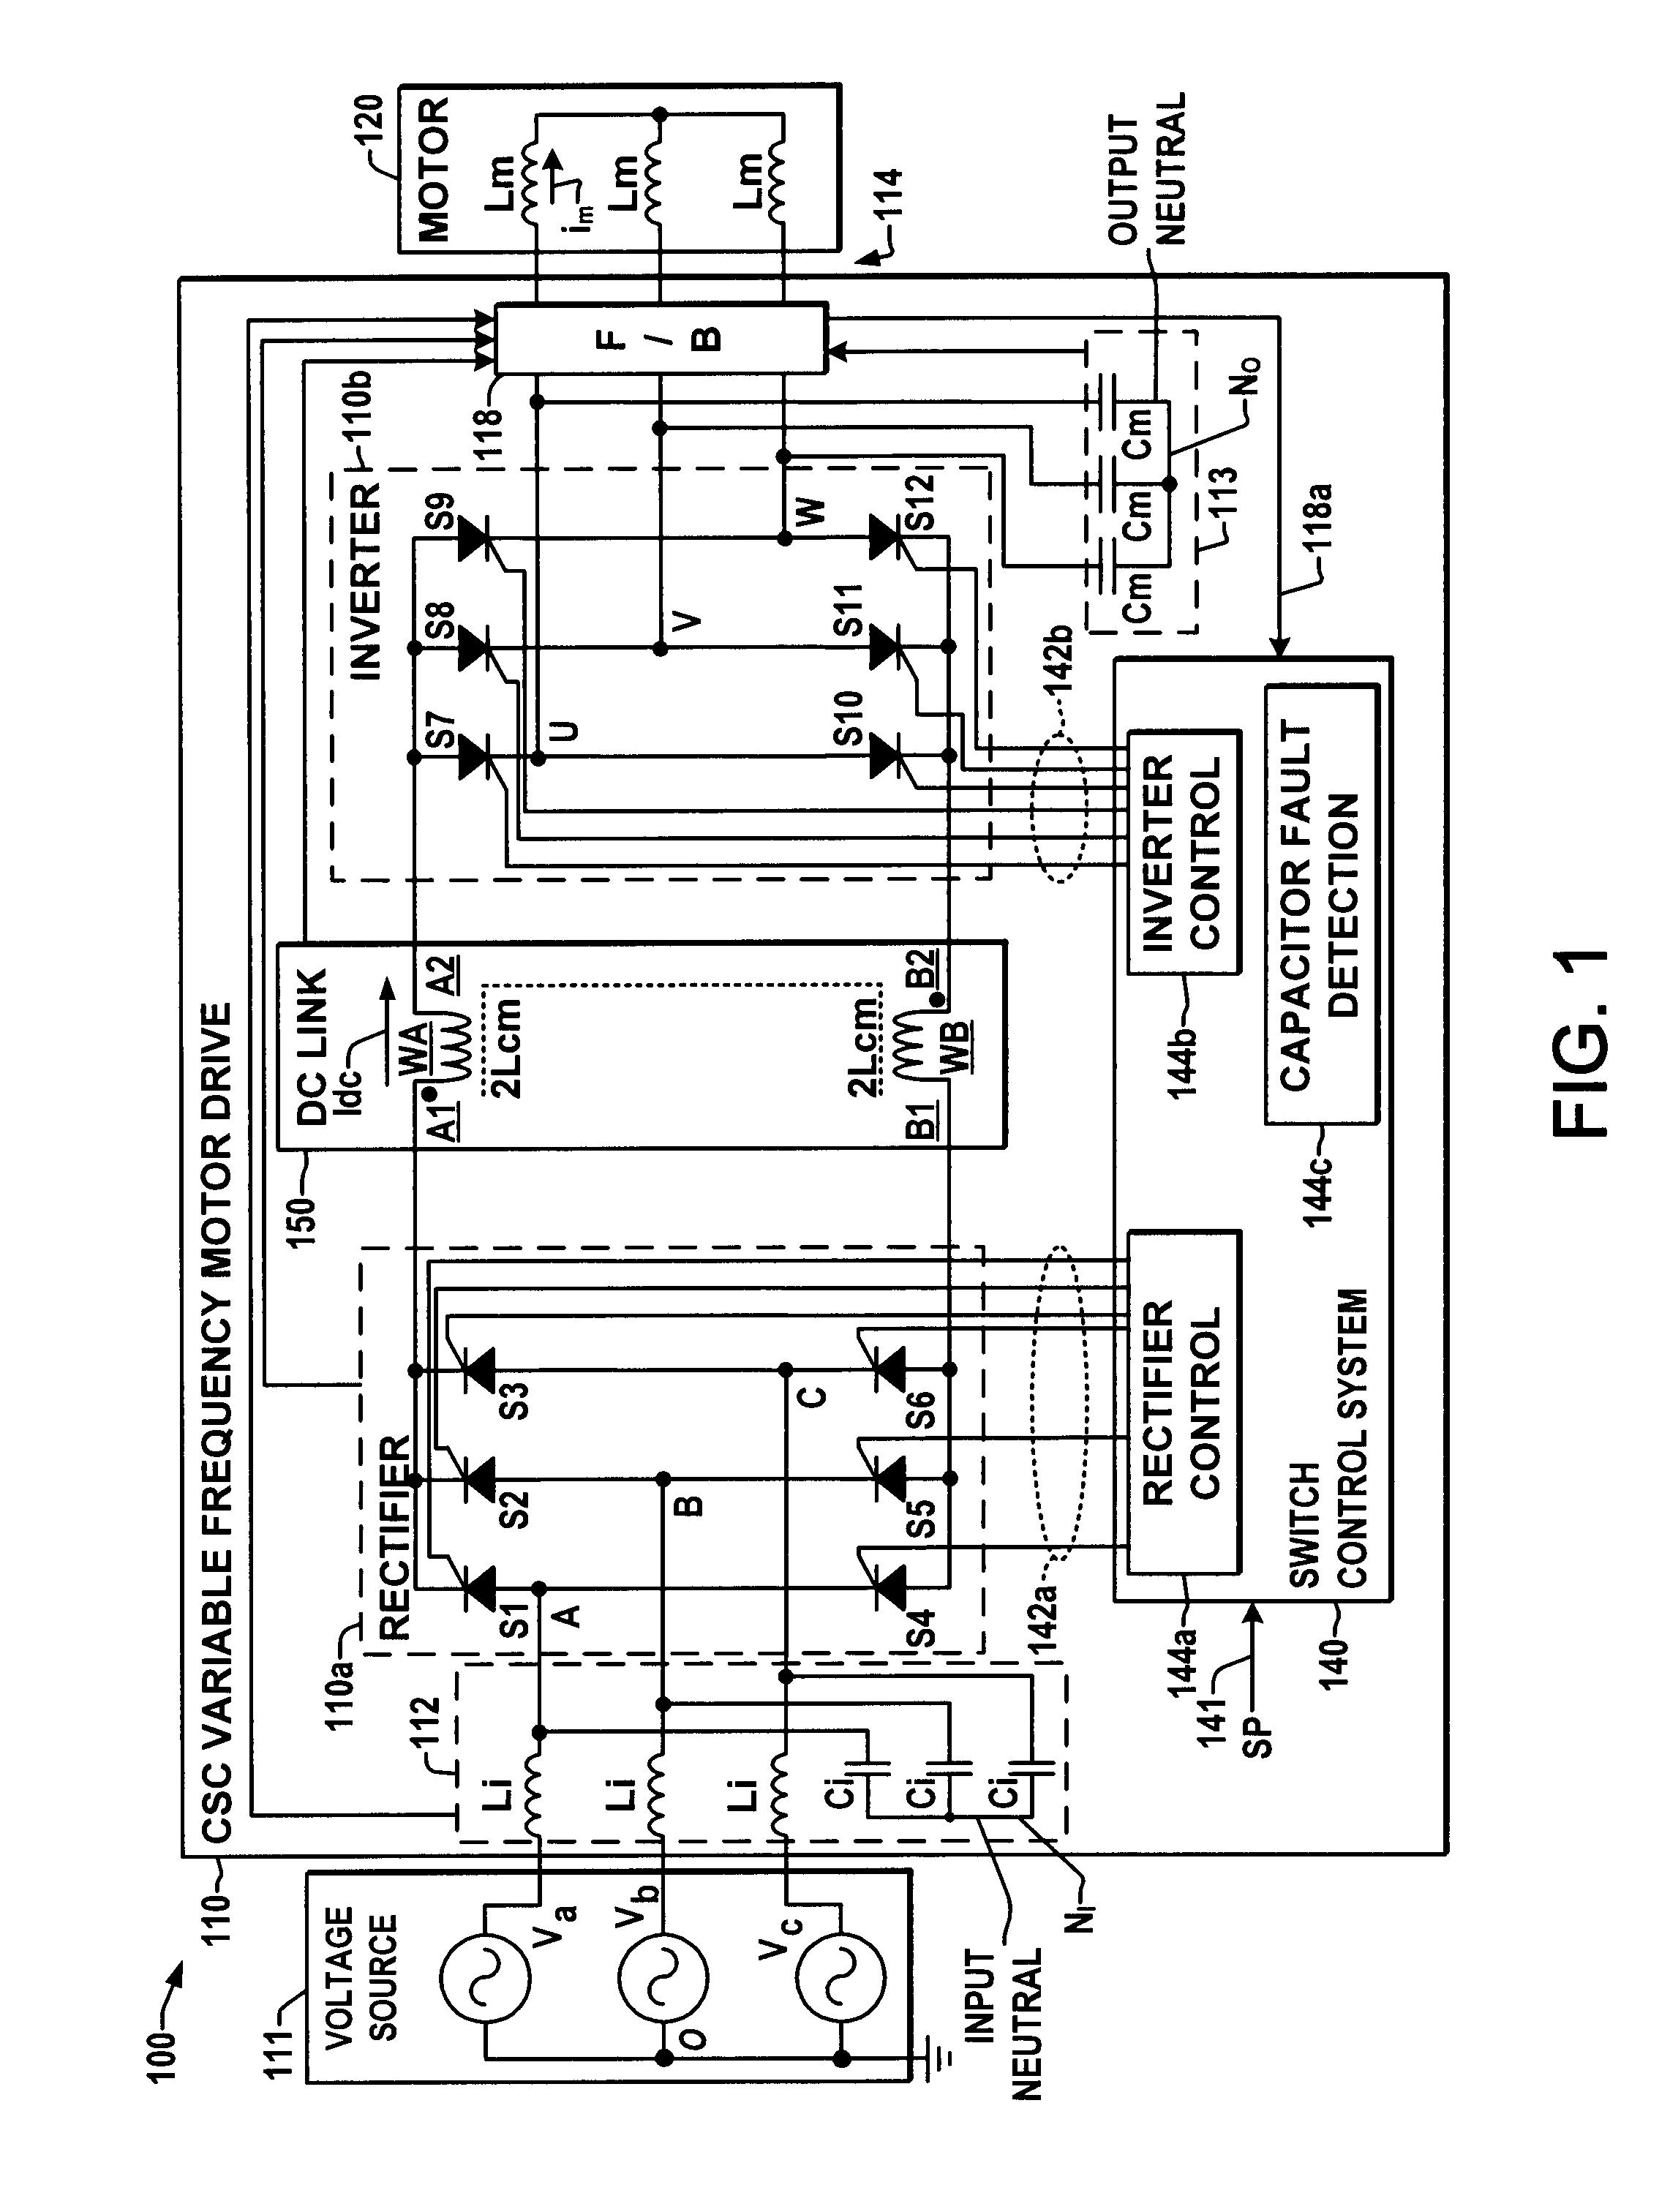 patent us20120271572